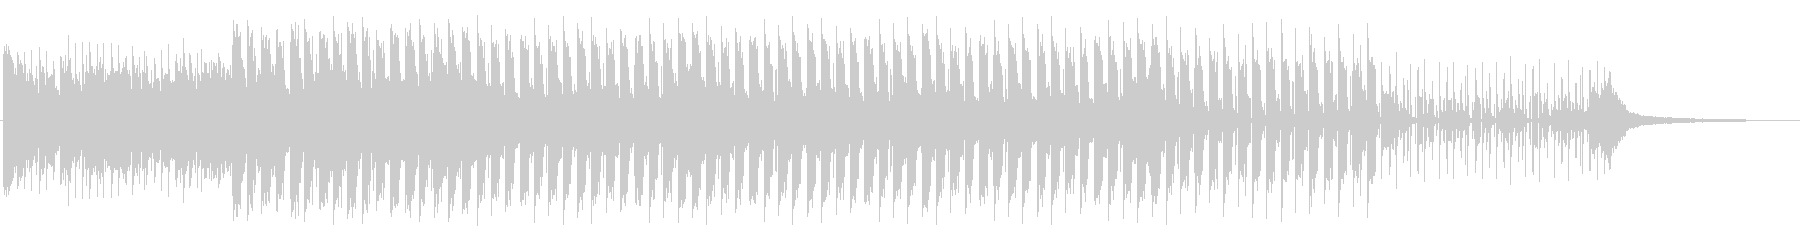 ファンクハウス/ダンス/ディスコ/...の未再生の波形